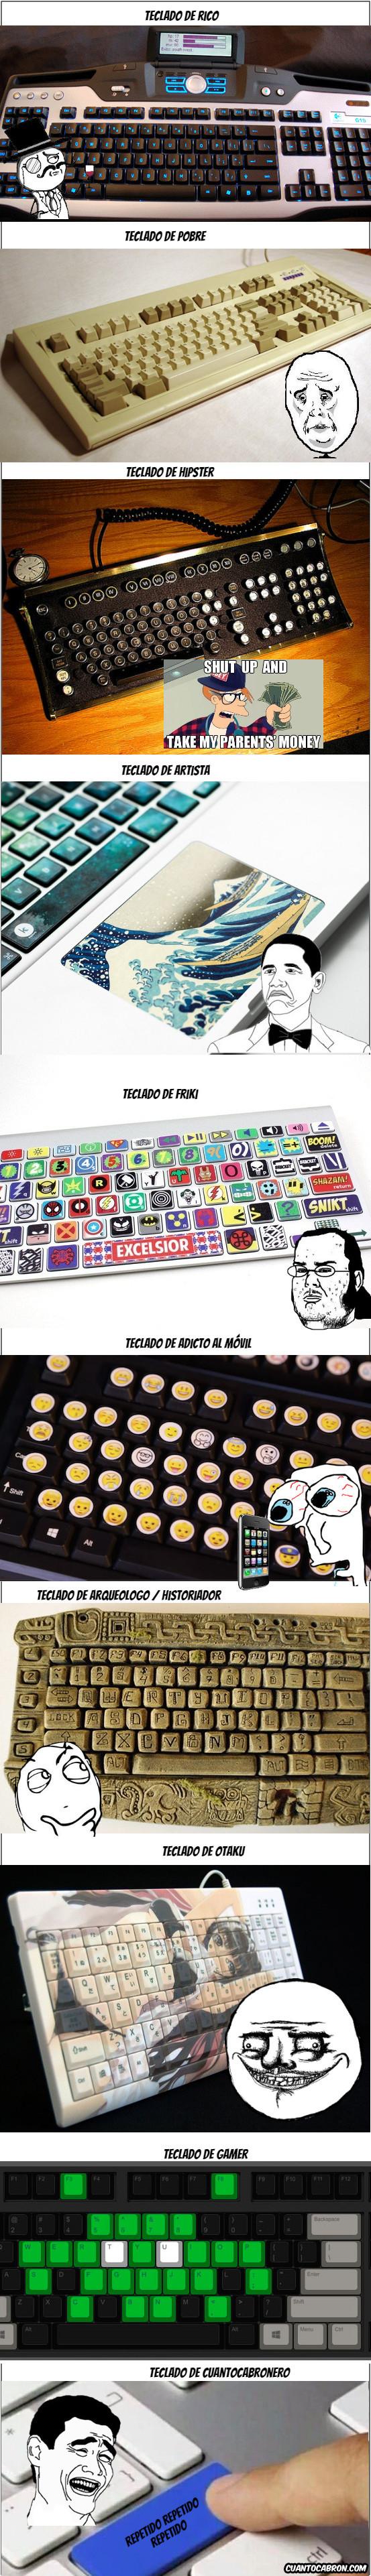 Yao - Diferentes tipos de teclado